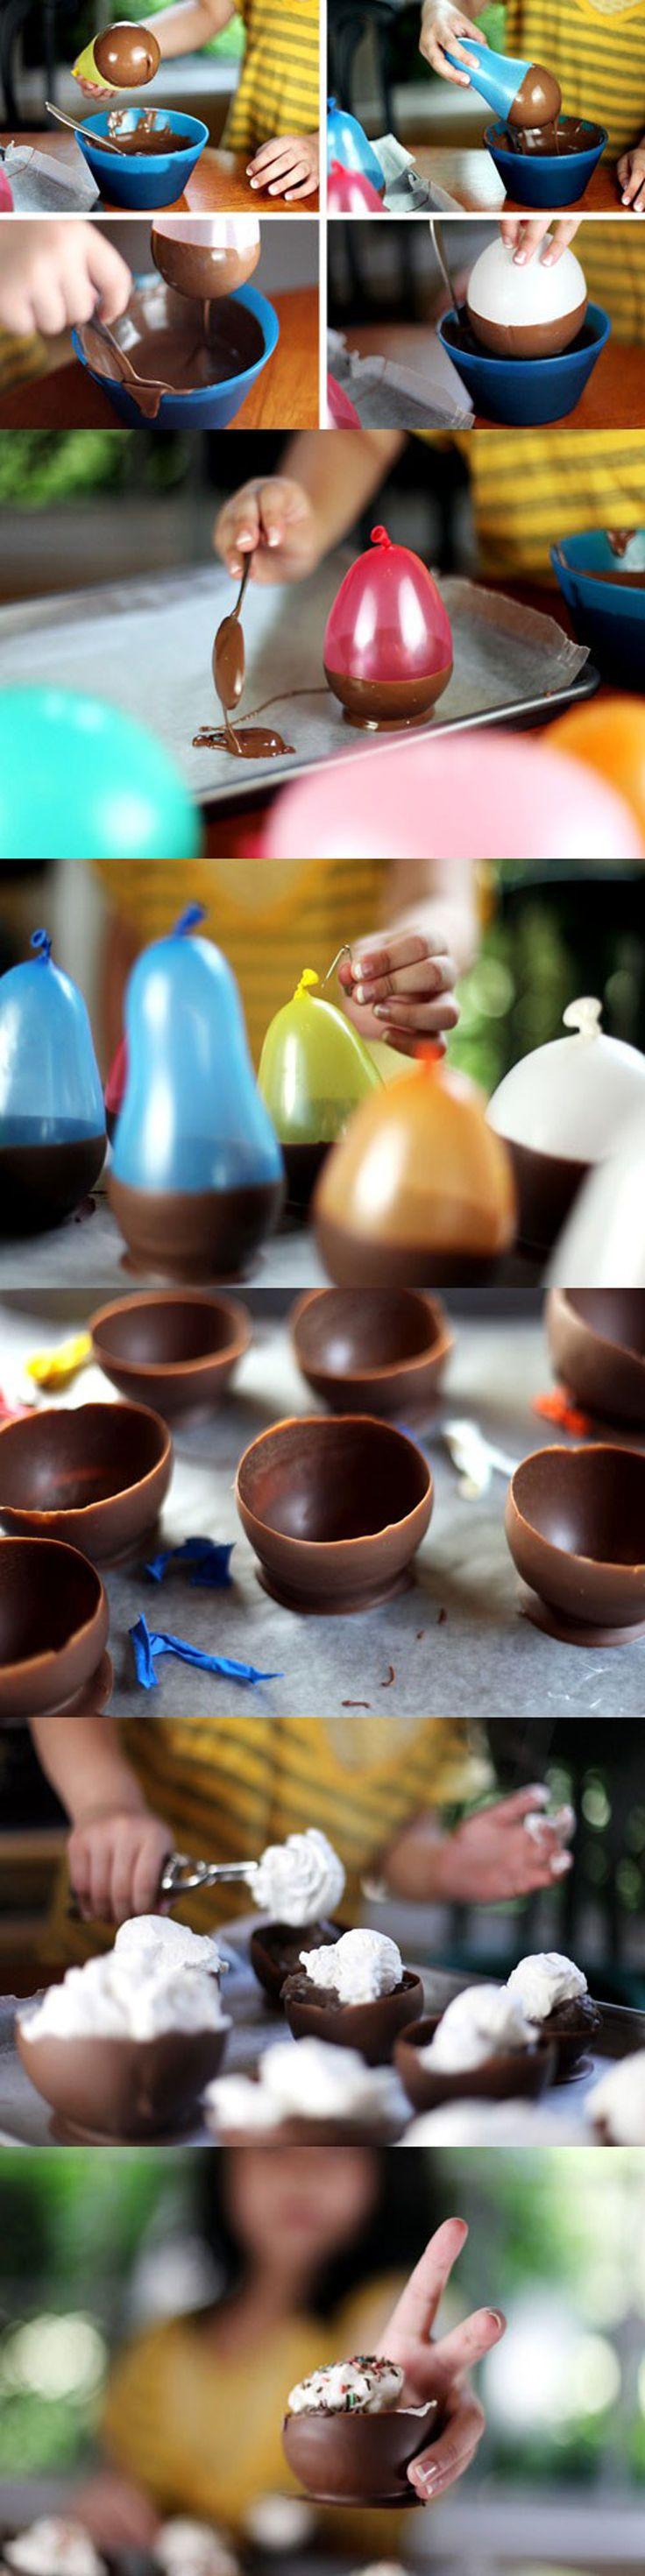 Cuencos de #chocolate... ¡rellénalos de lo que más te apetezca! By @Monica Forghani DIAGO #Receta #DIY